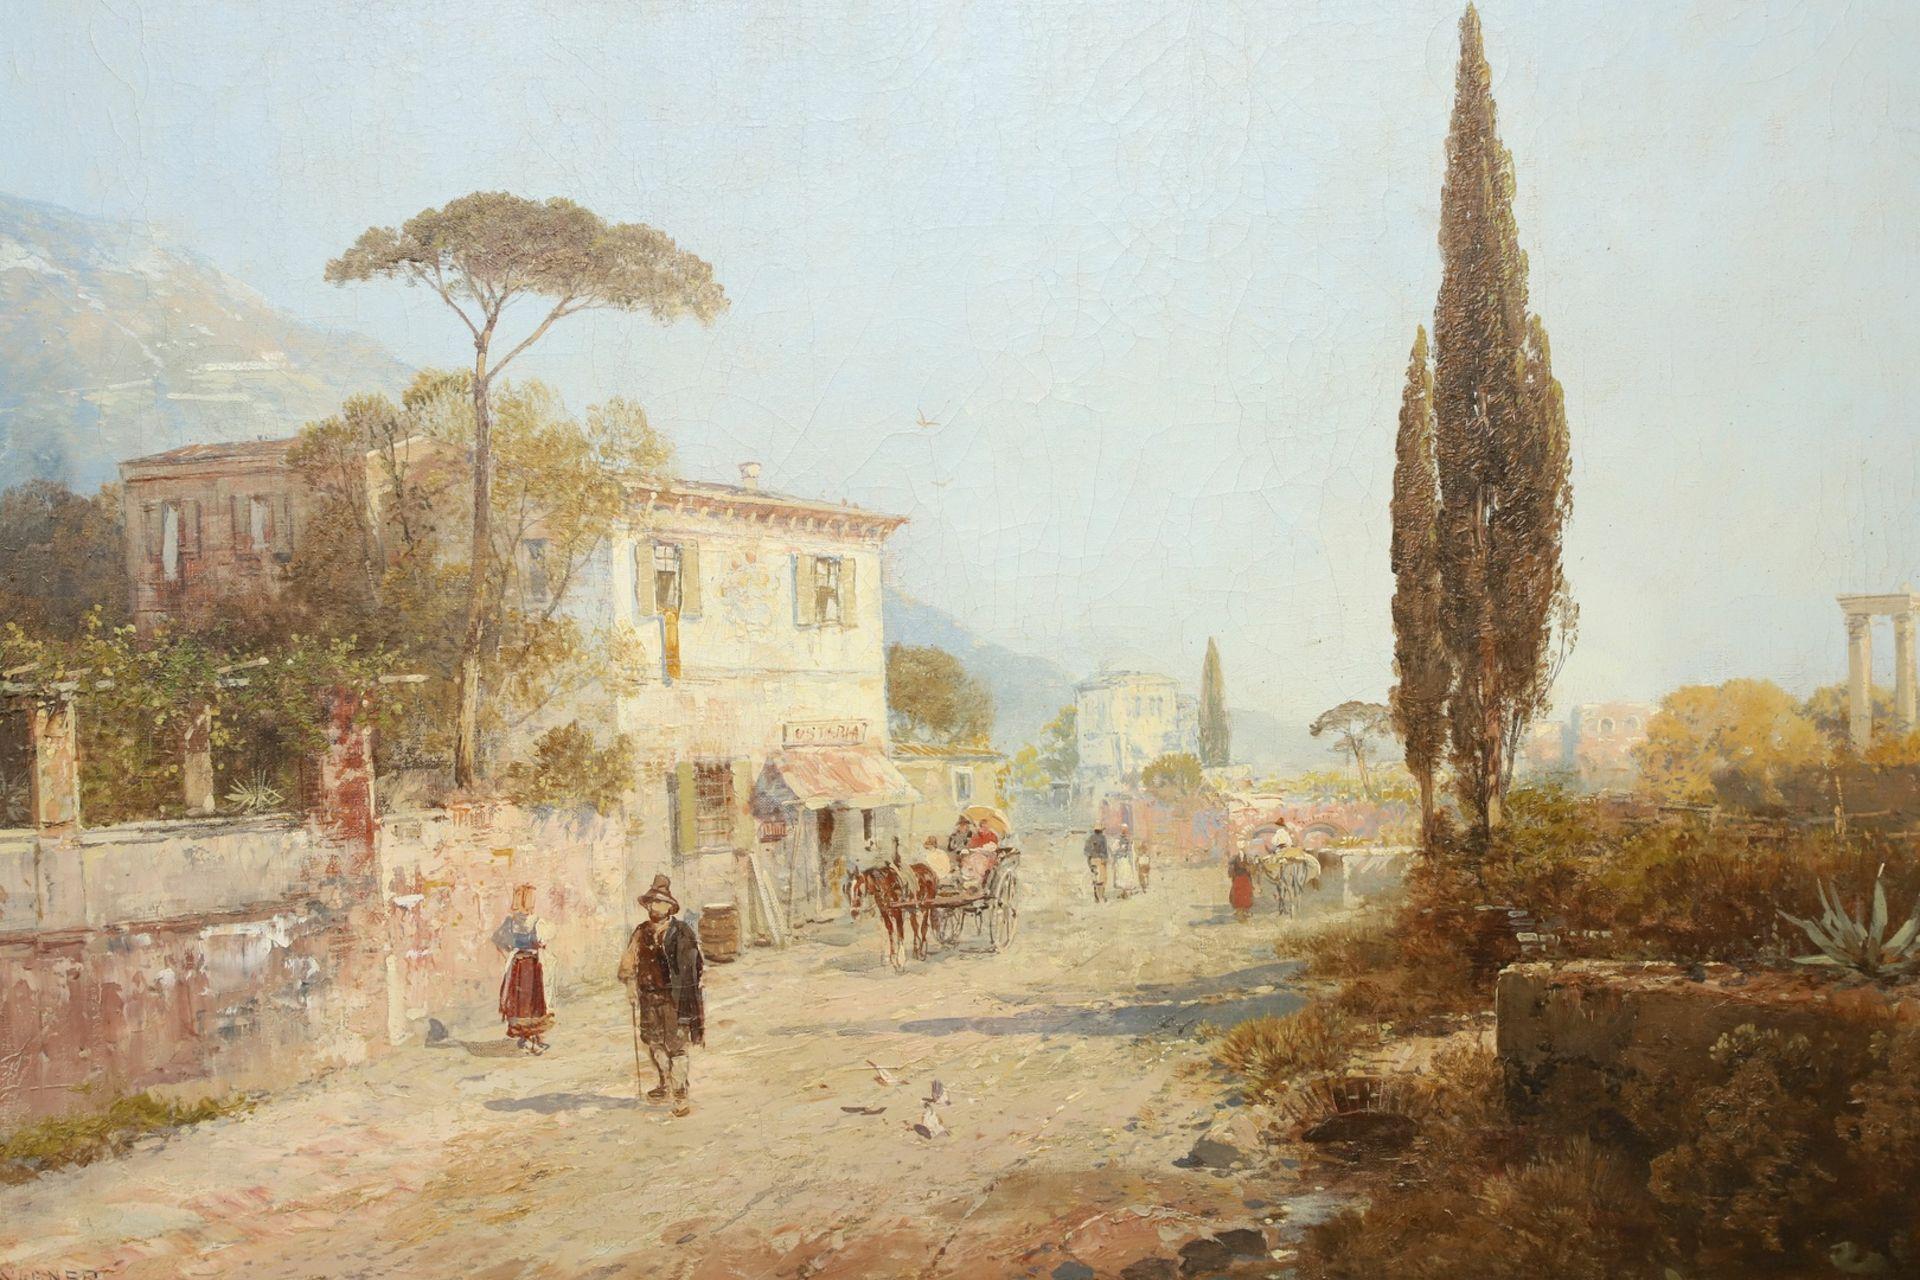 Karl Wagner, Osteria in Süditalien - Bild 2 aus 4